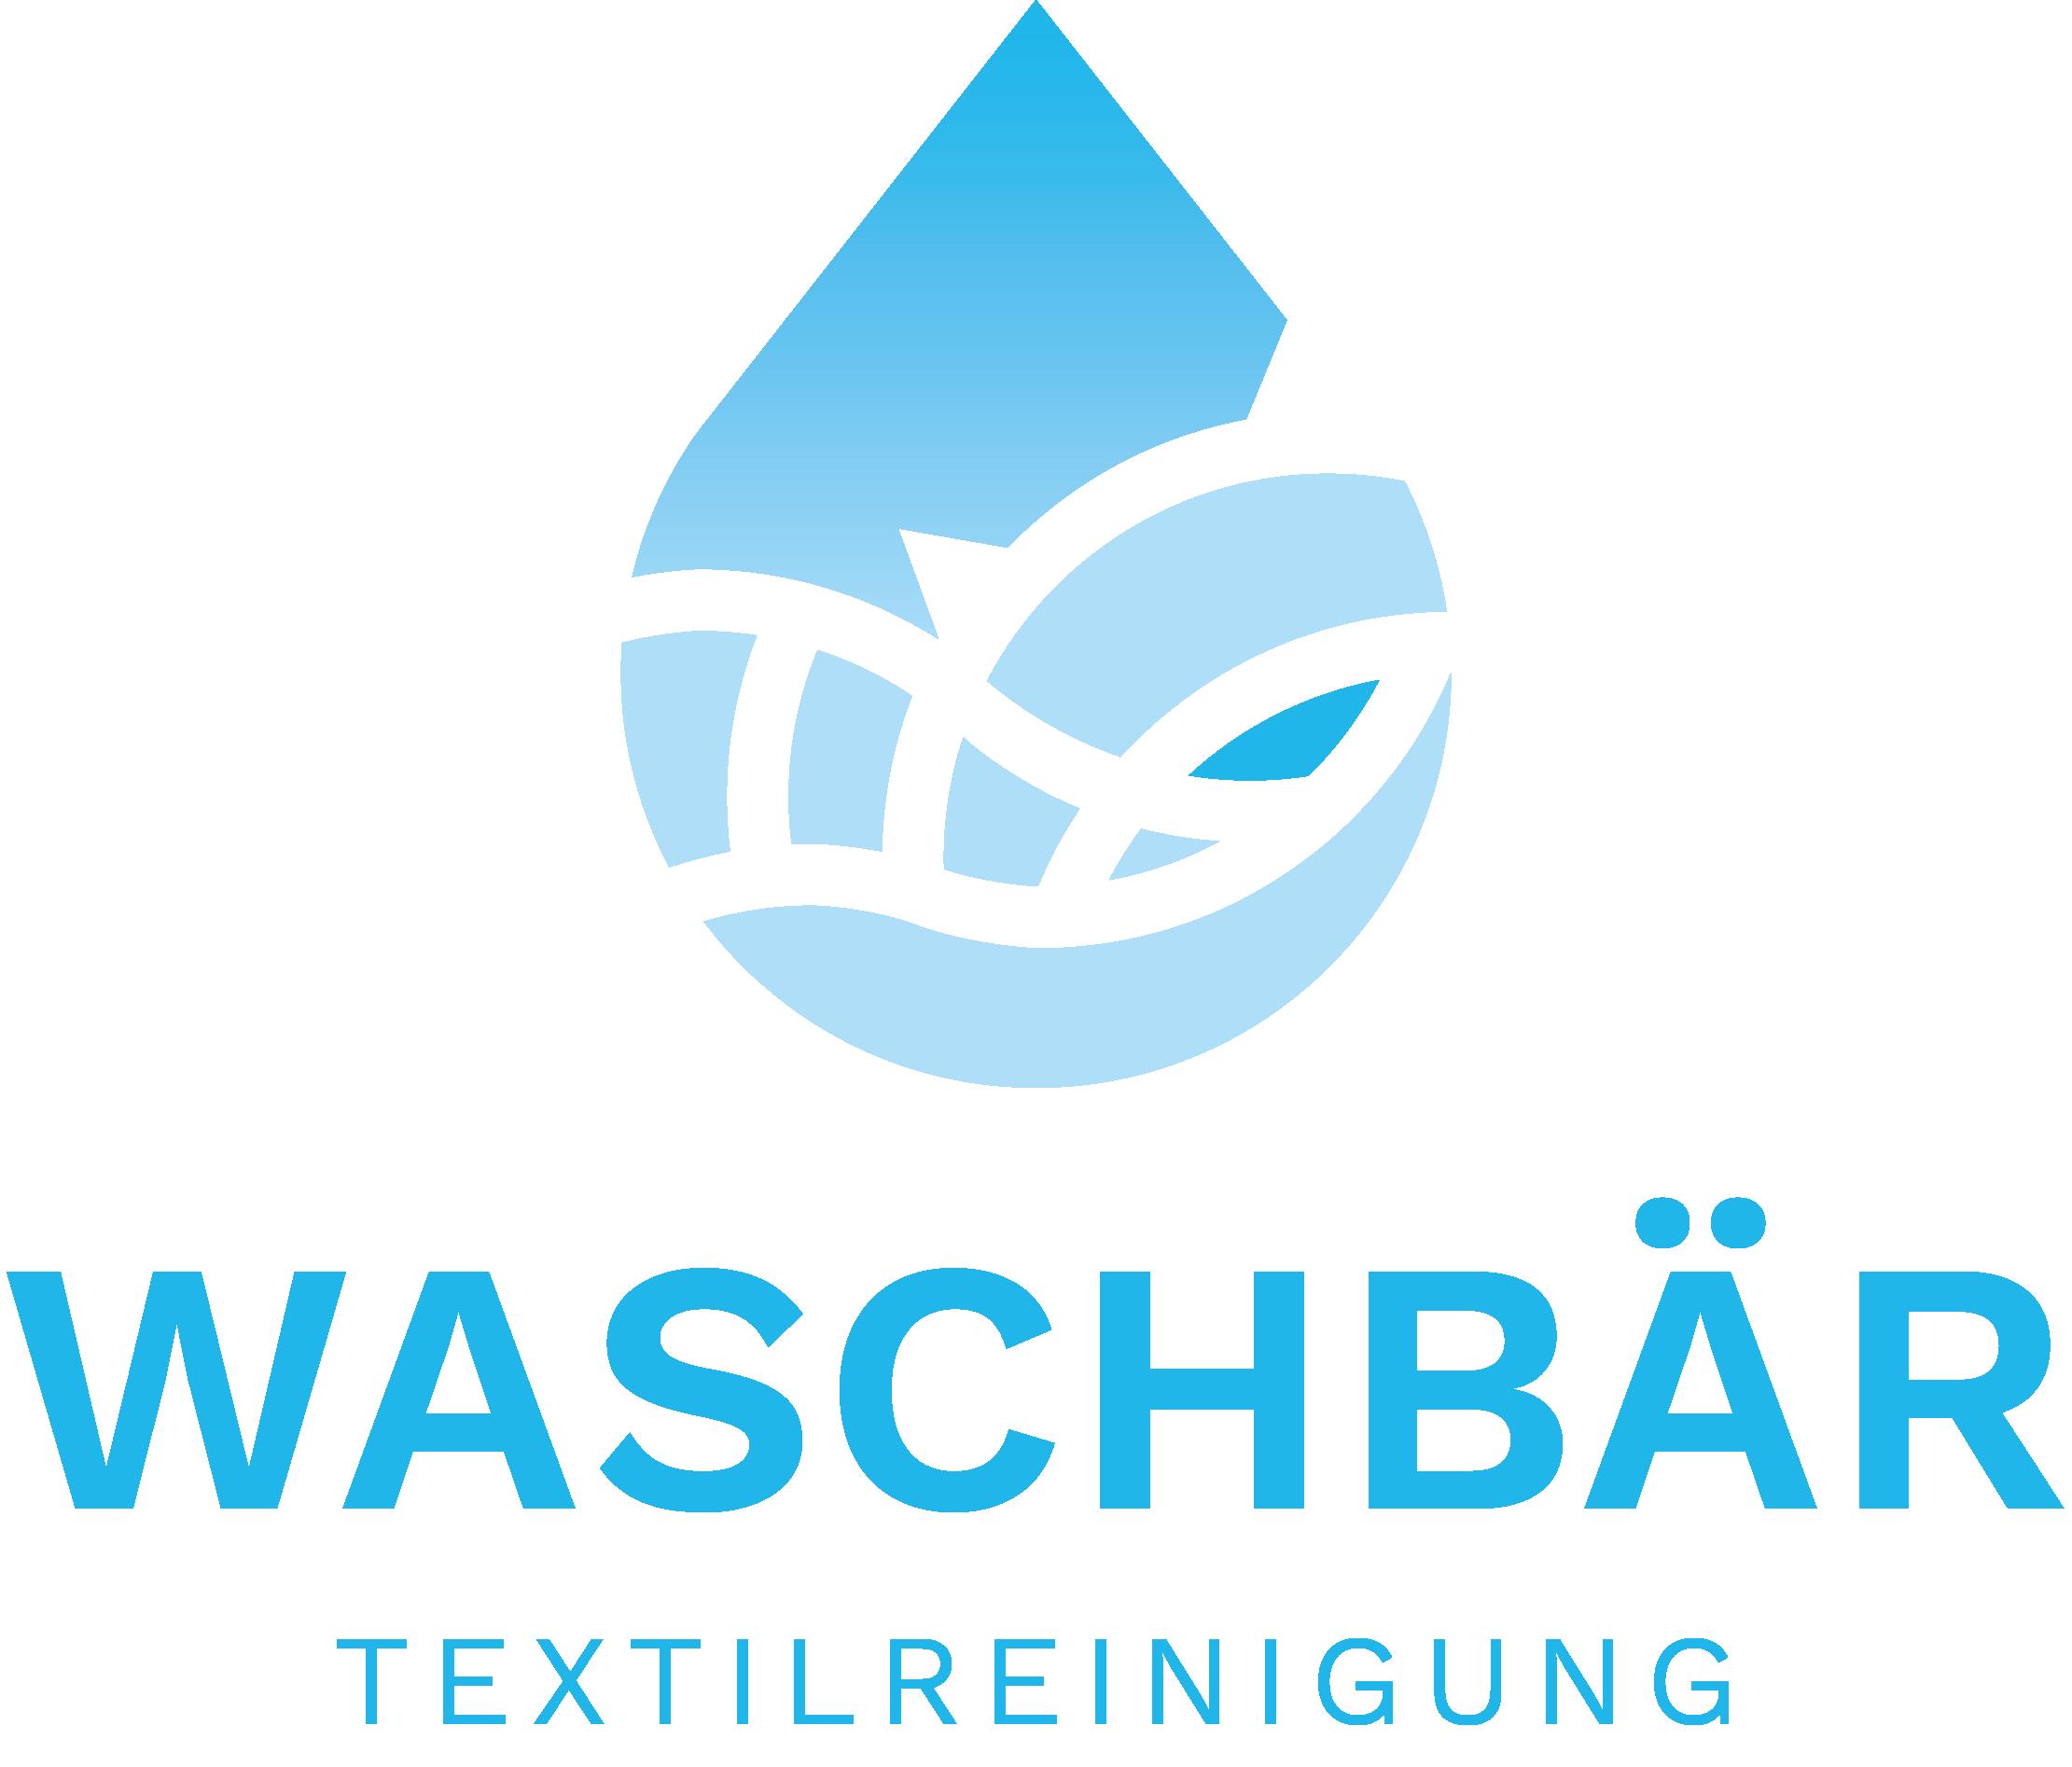 Textilreinigung Waschbär